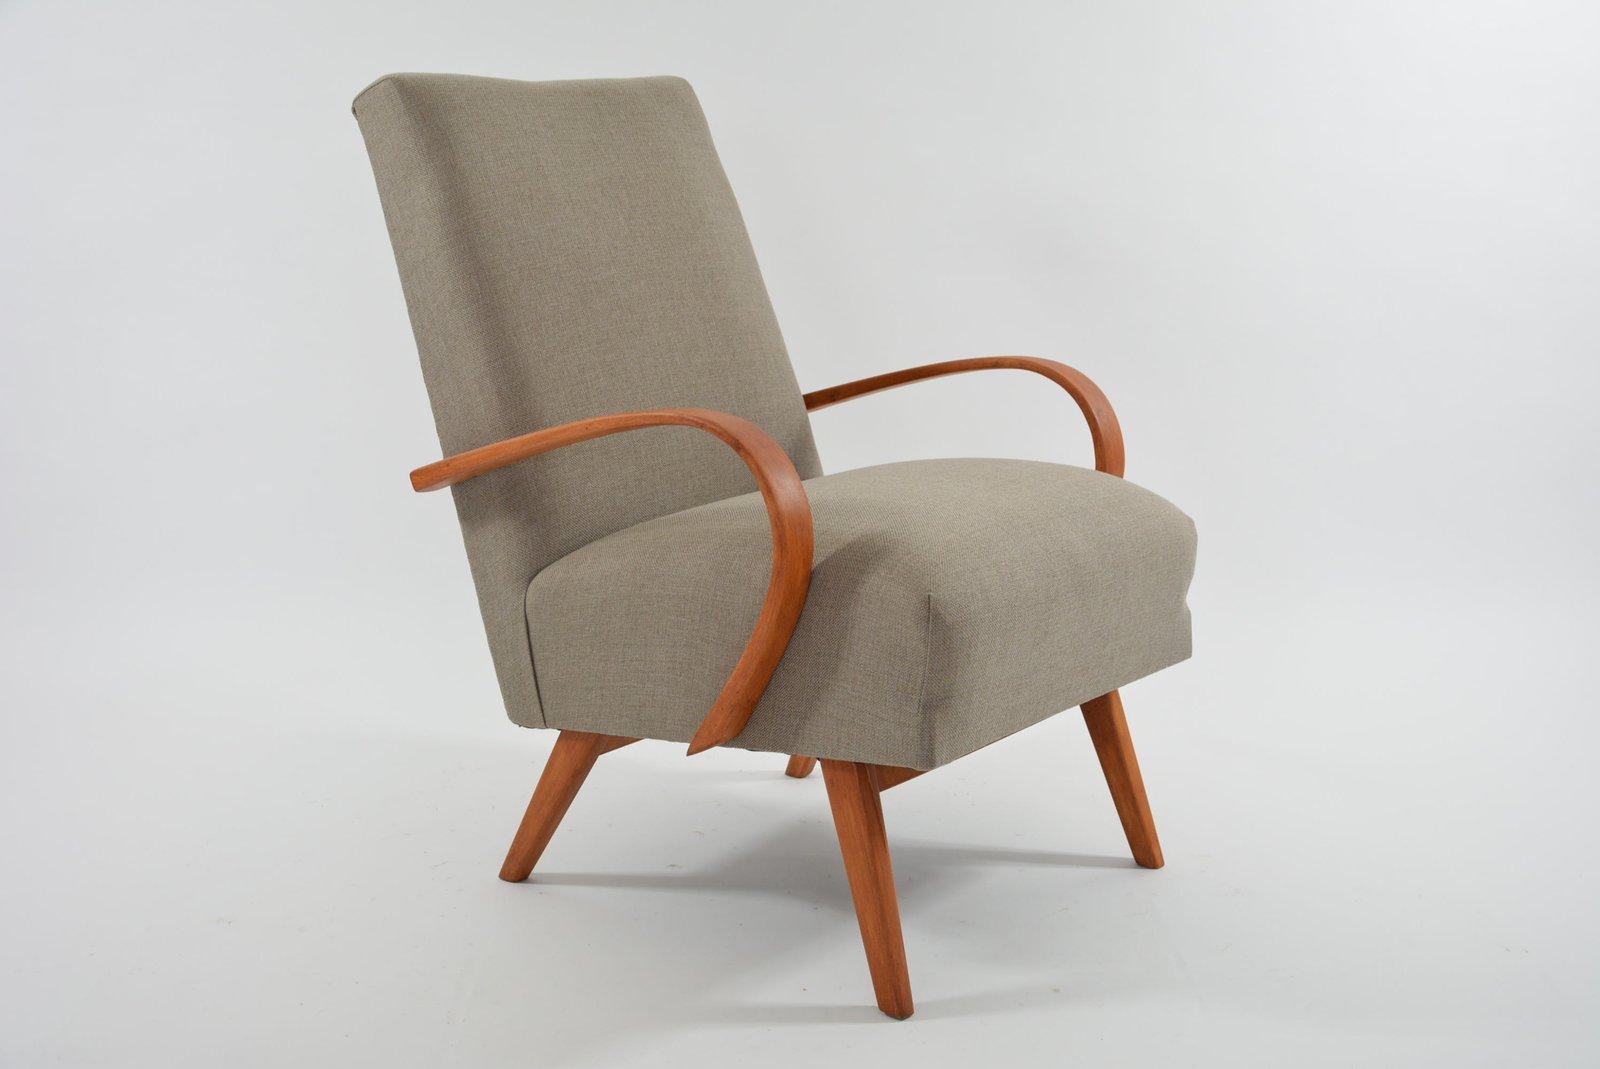 fauteuil tchecoslovaque beige bloc de l 39 est. Black Bedroom Furniture Sets. Home Design Ideas